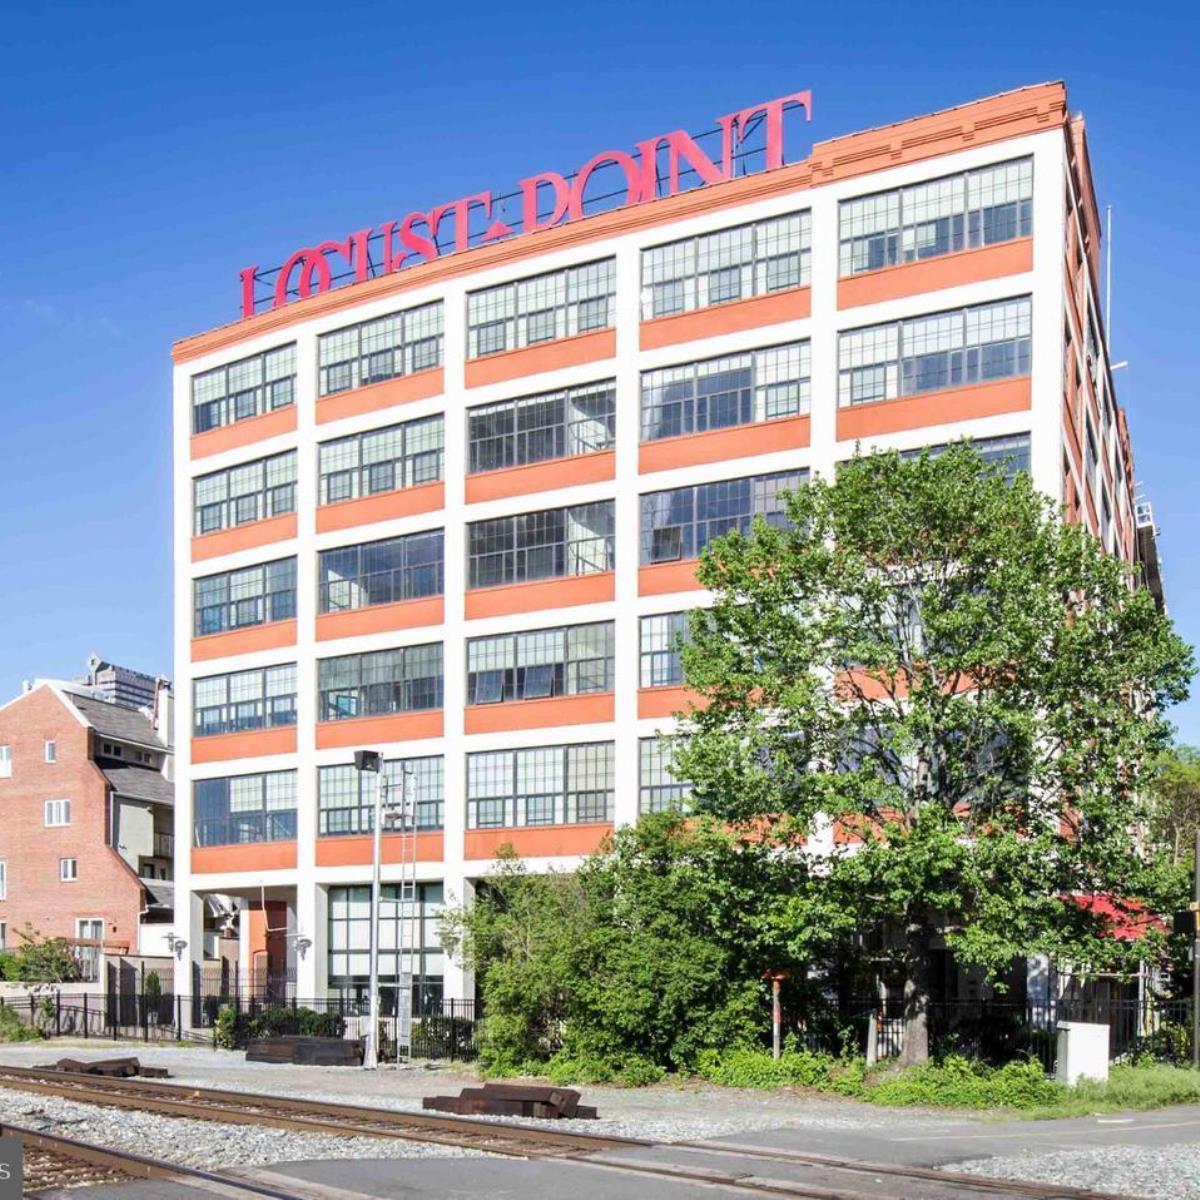 Locust Point Condos for Sale in Philadelphia